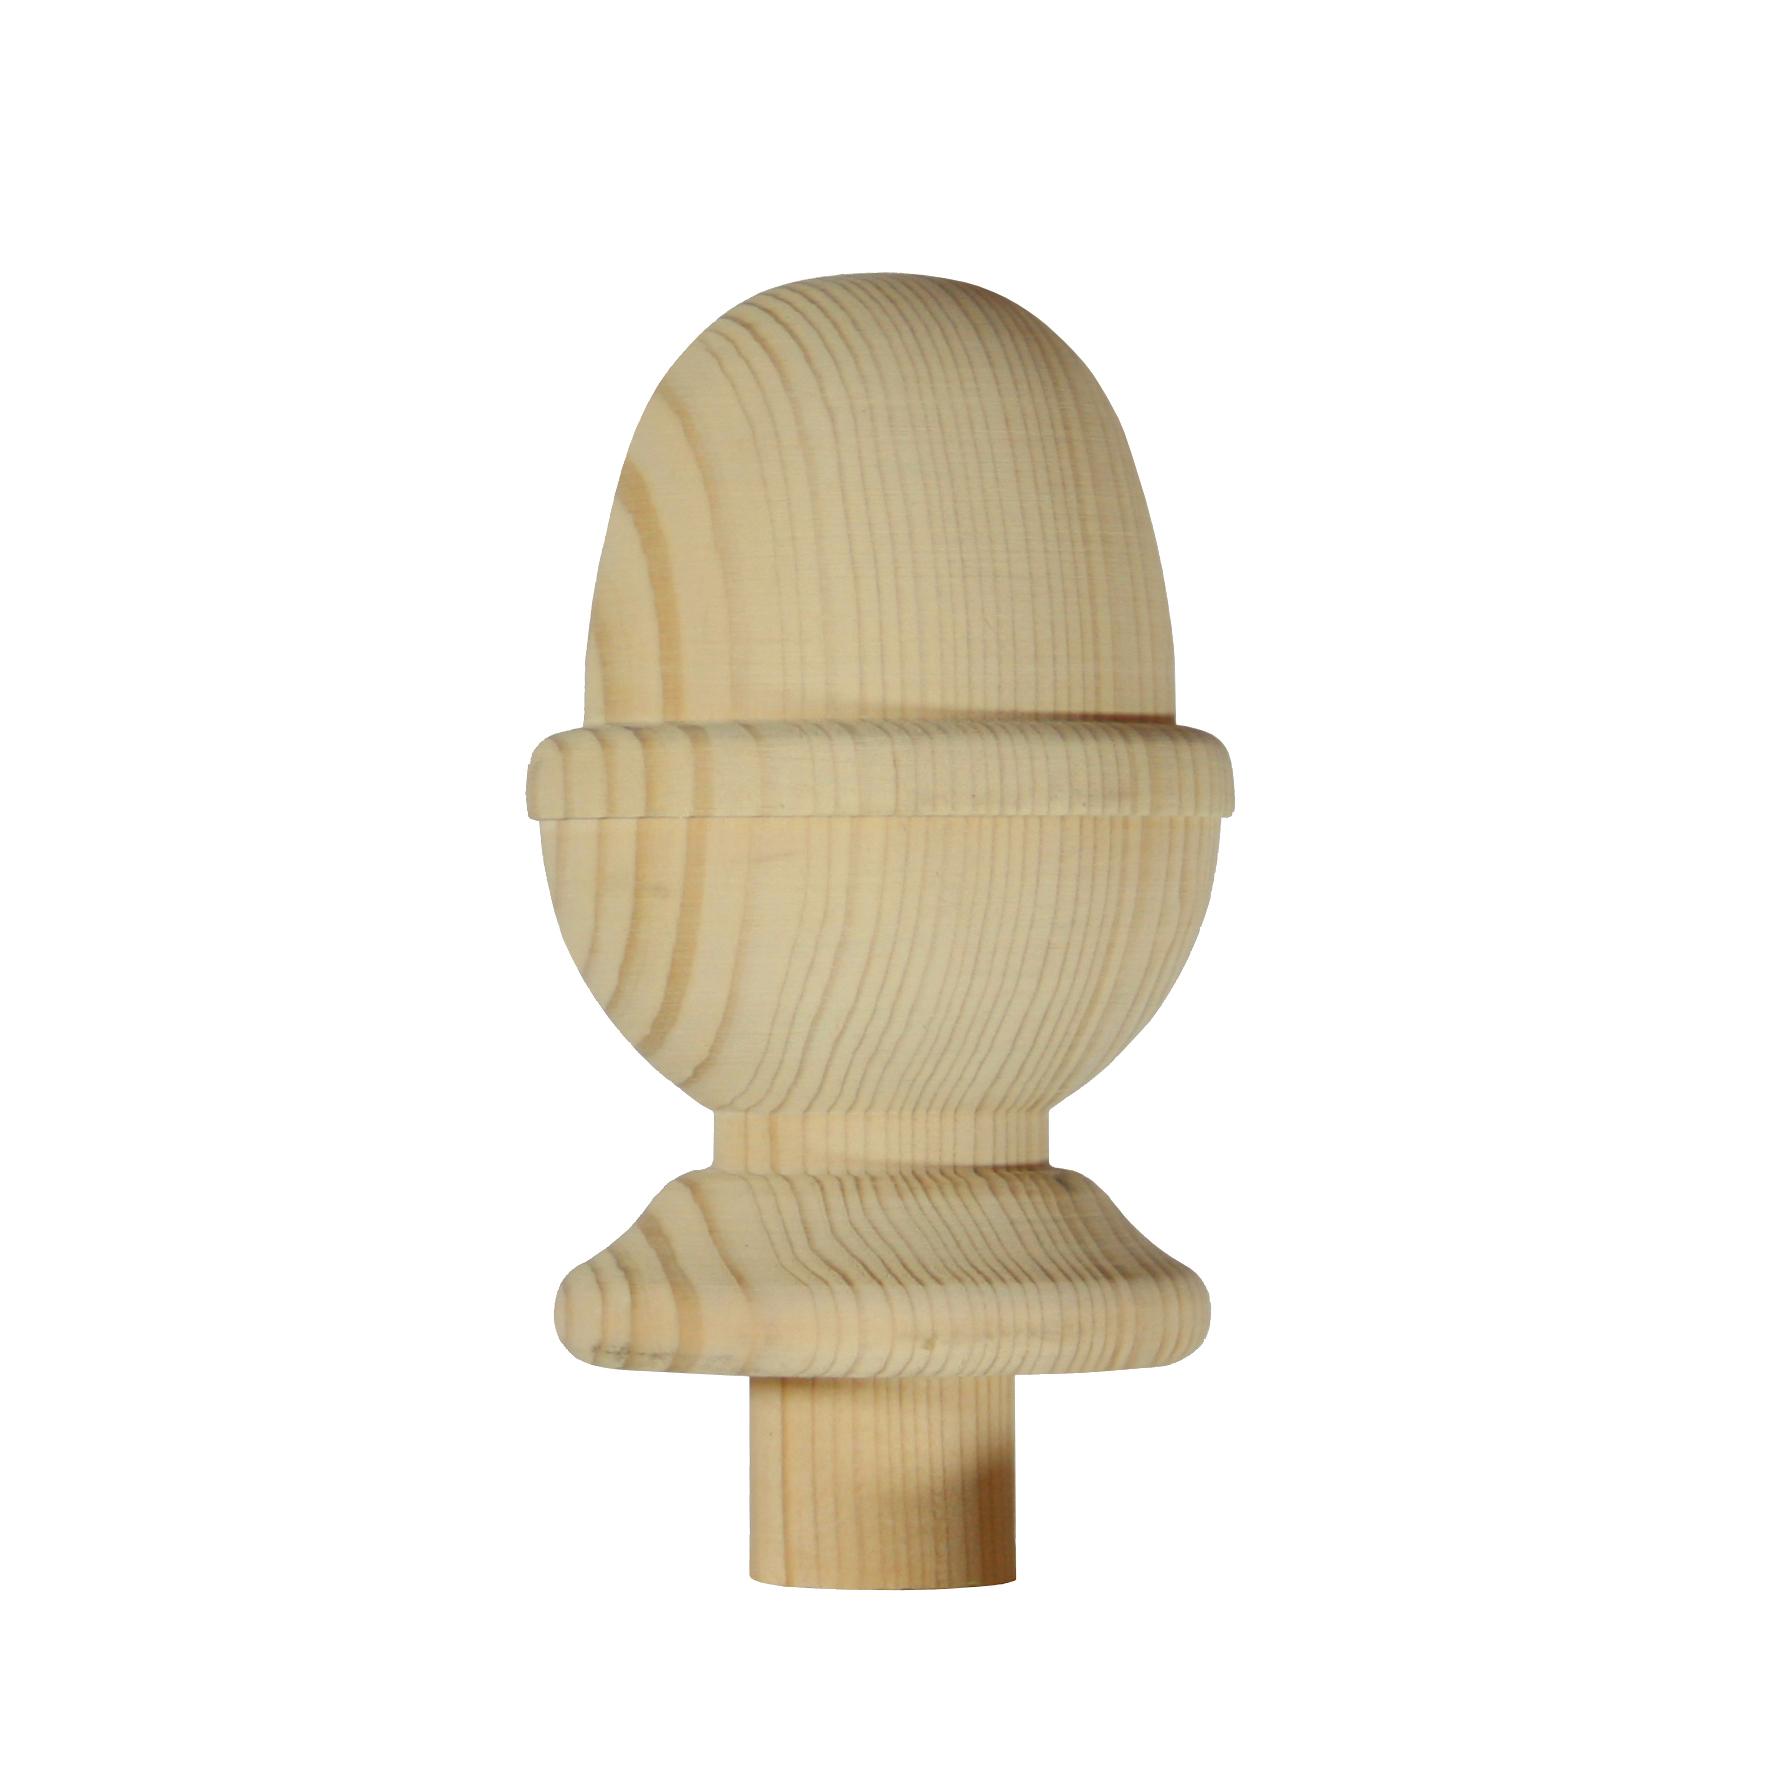 1 Hemlock Acorn Newel Cap 90